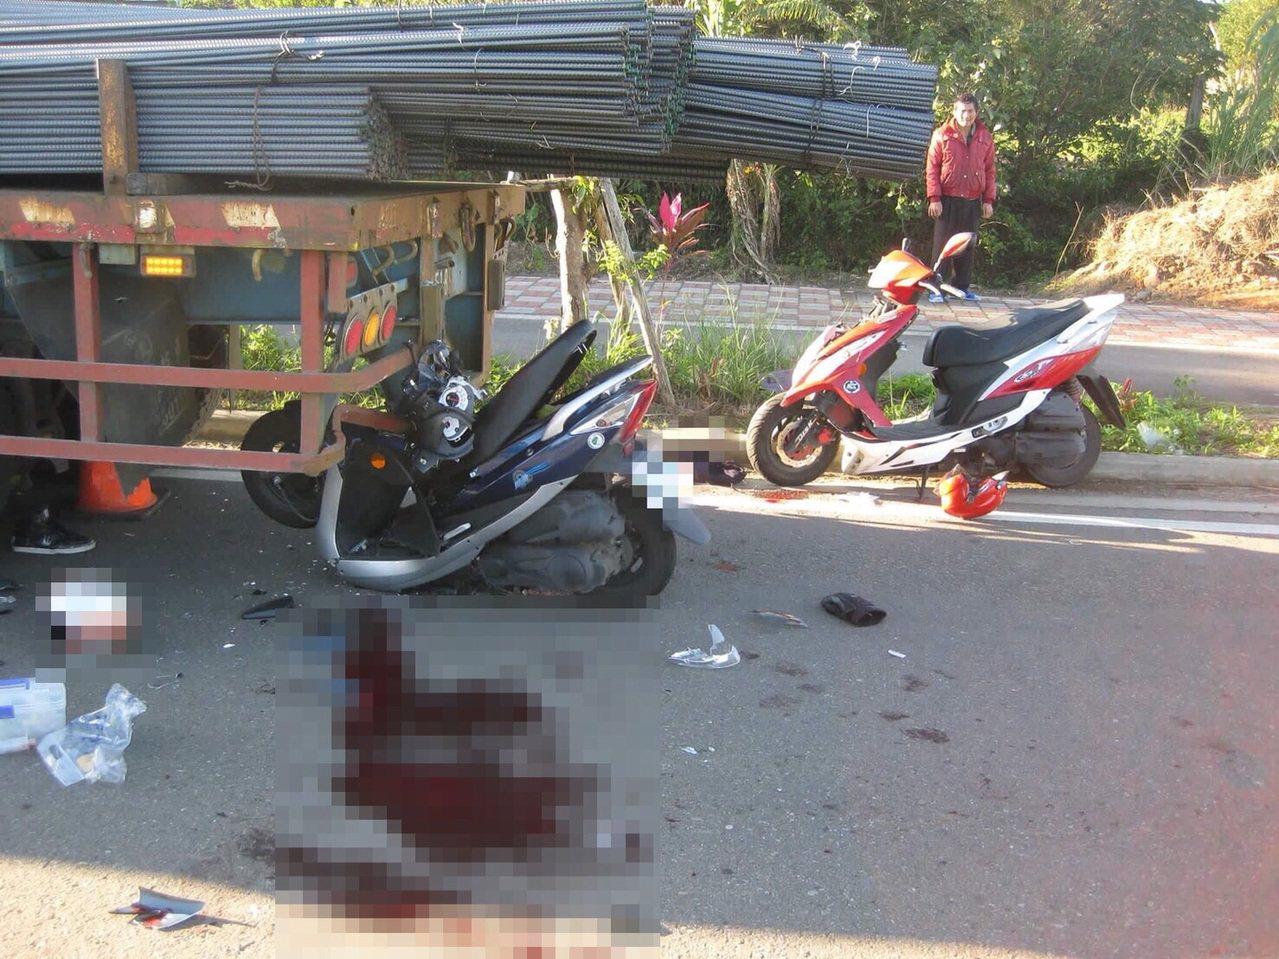 機車騎士疑因日照眩光撞上停放路邊的大貨車,造成一死一傷。記者陳妍霖/翻攝